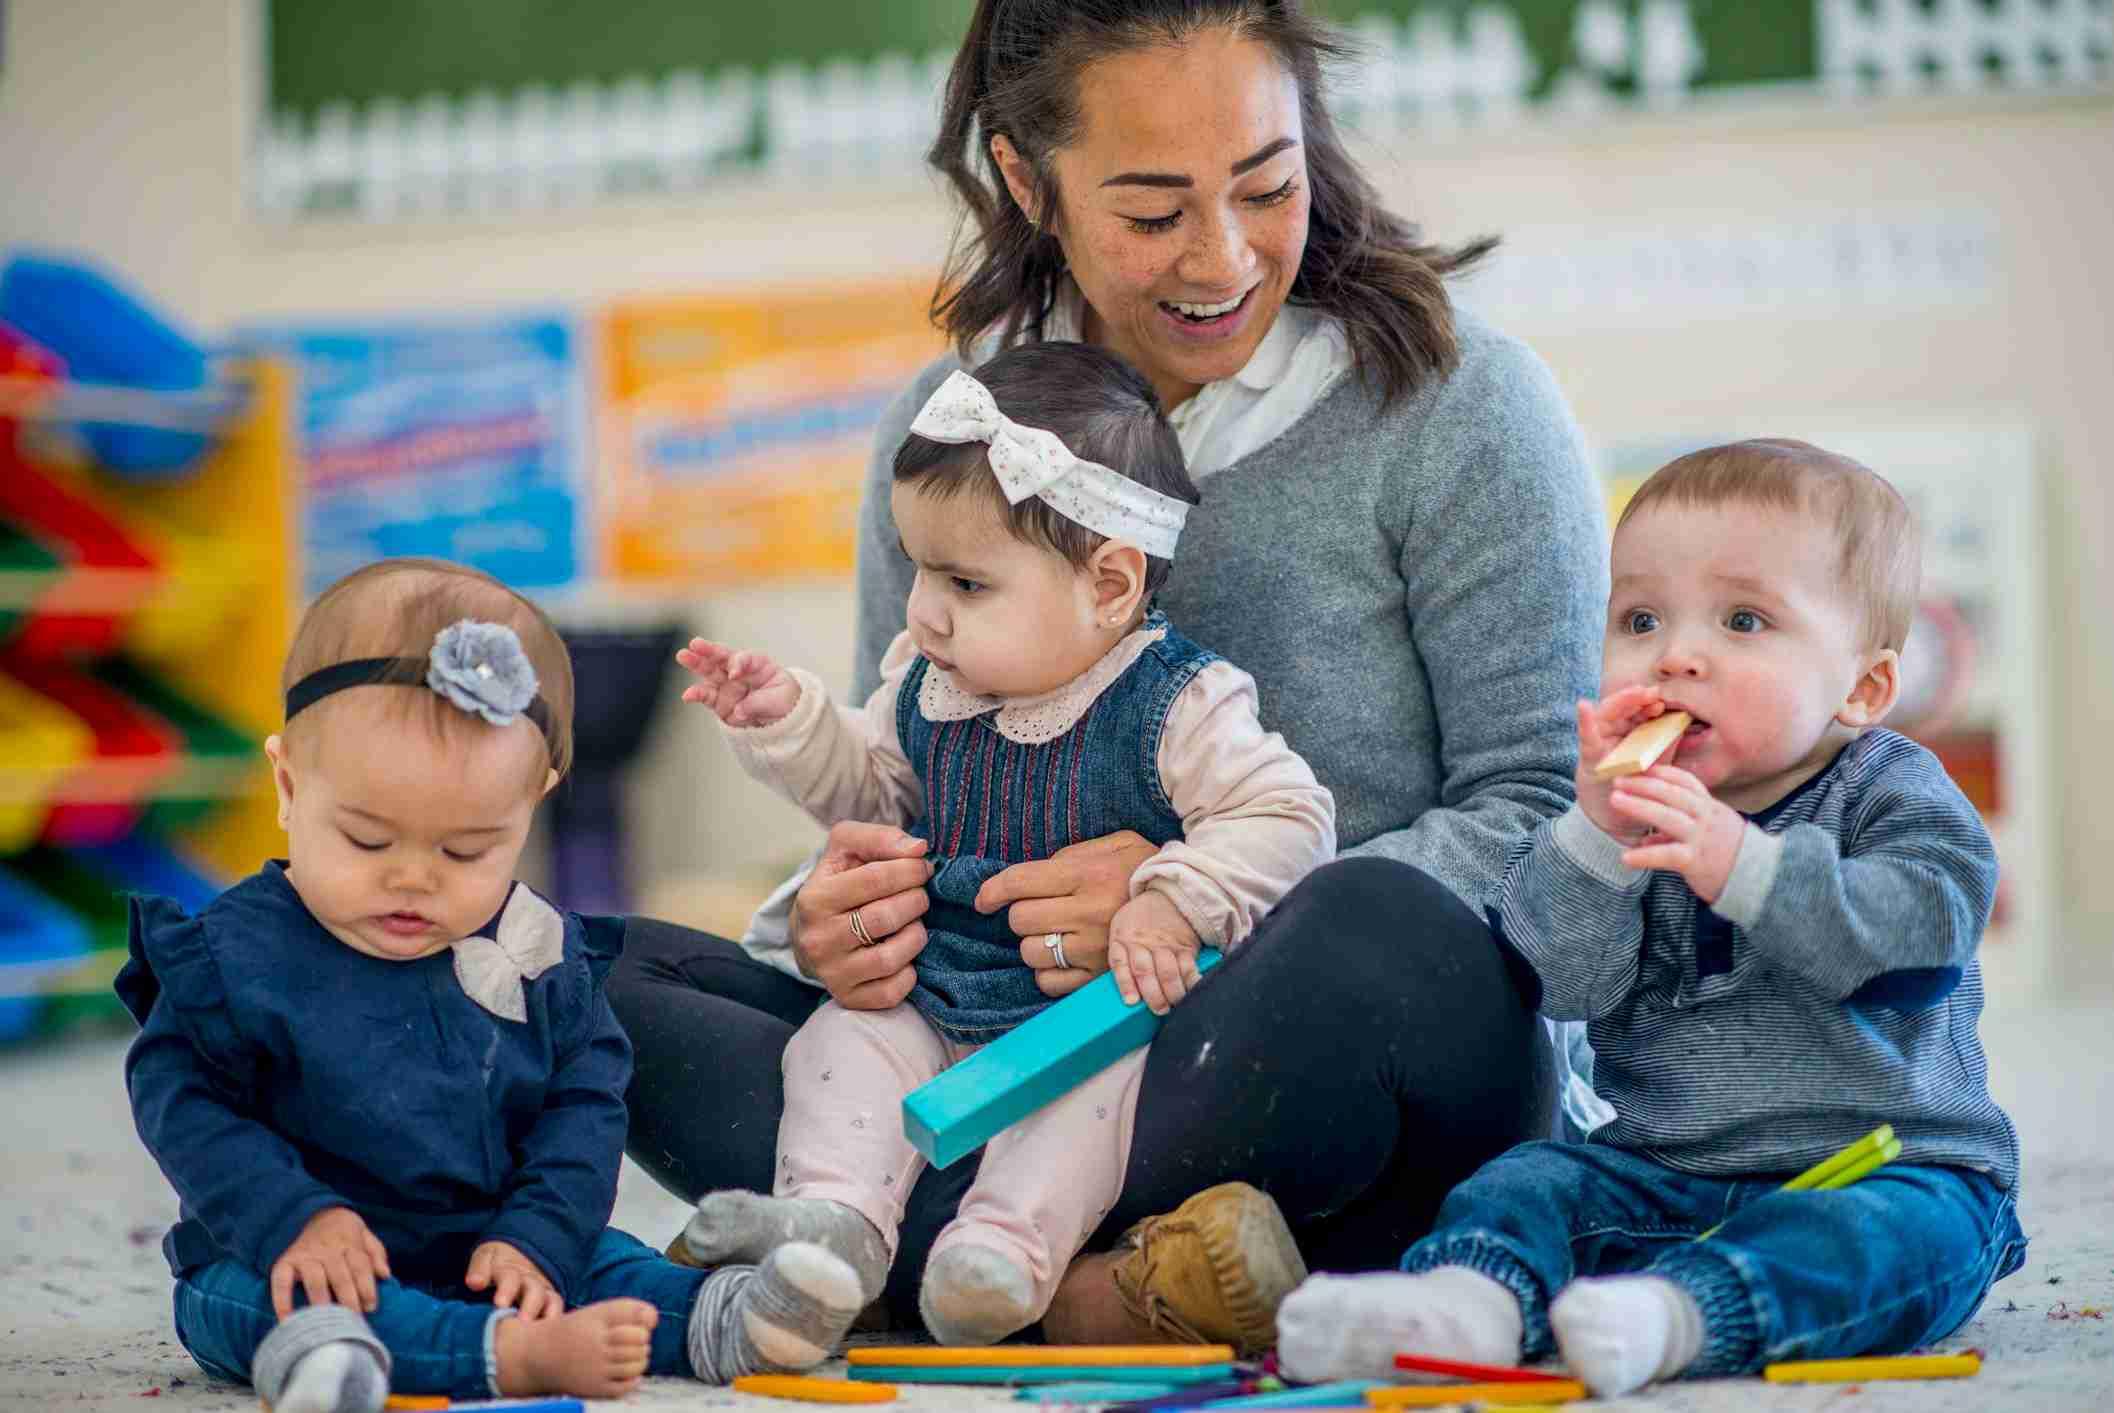 mother toddler program for children